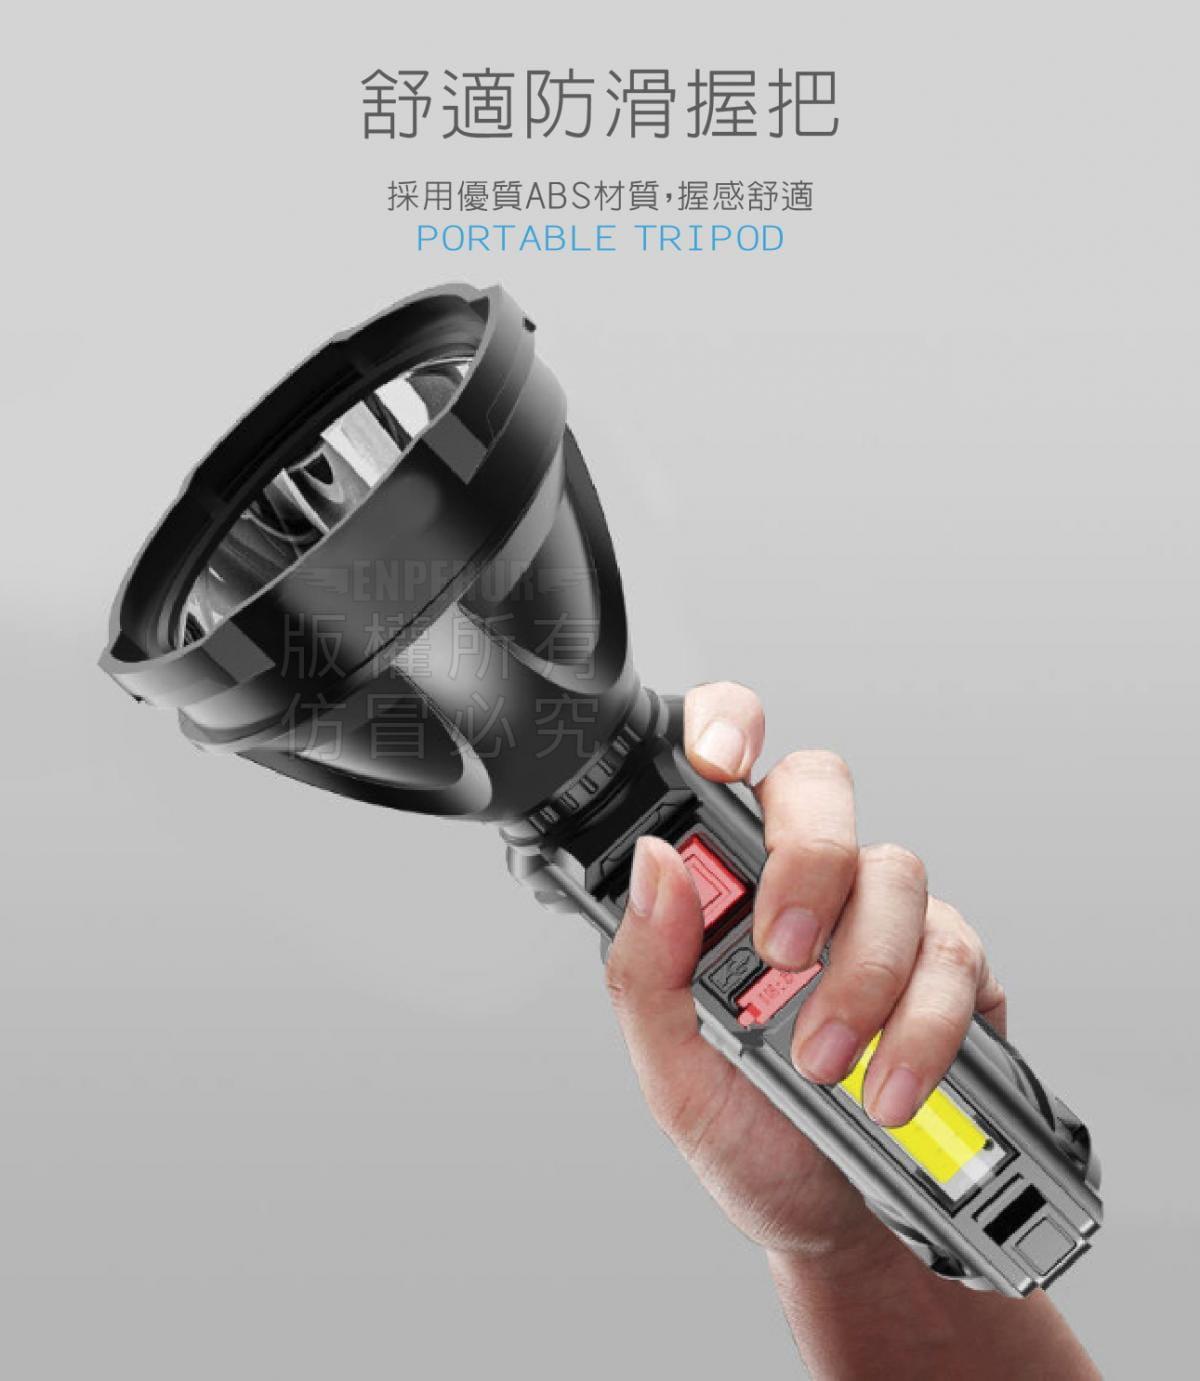 多功能雙光源手電筒 5